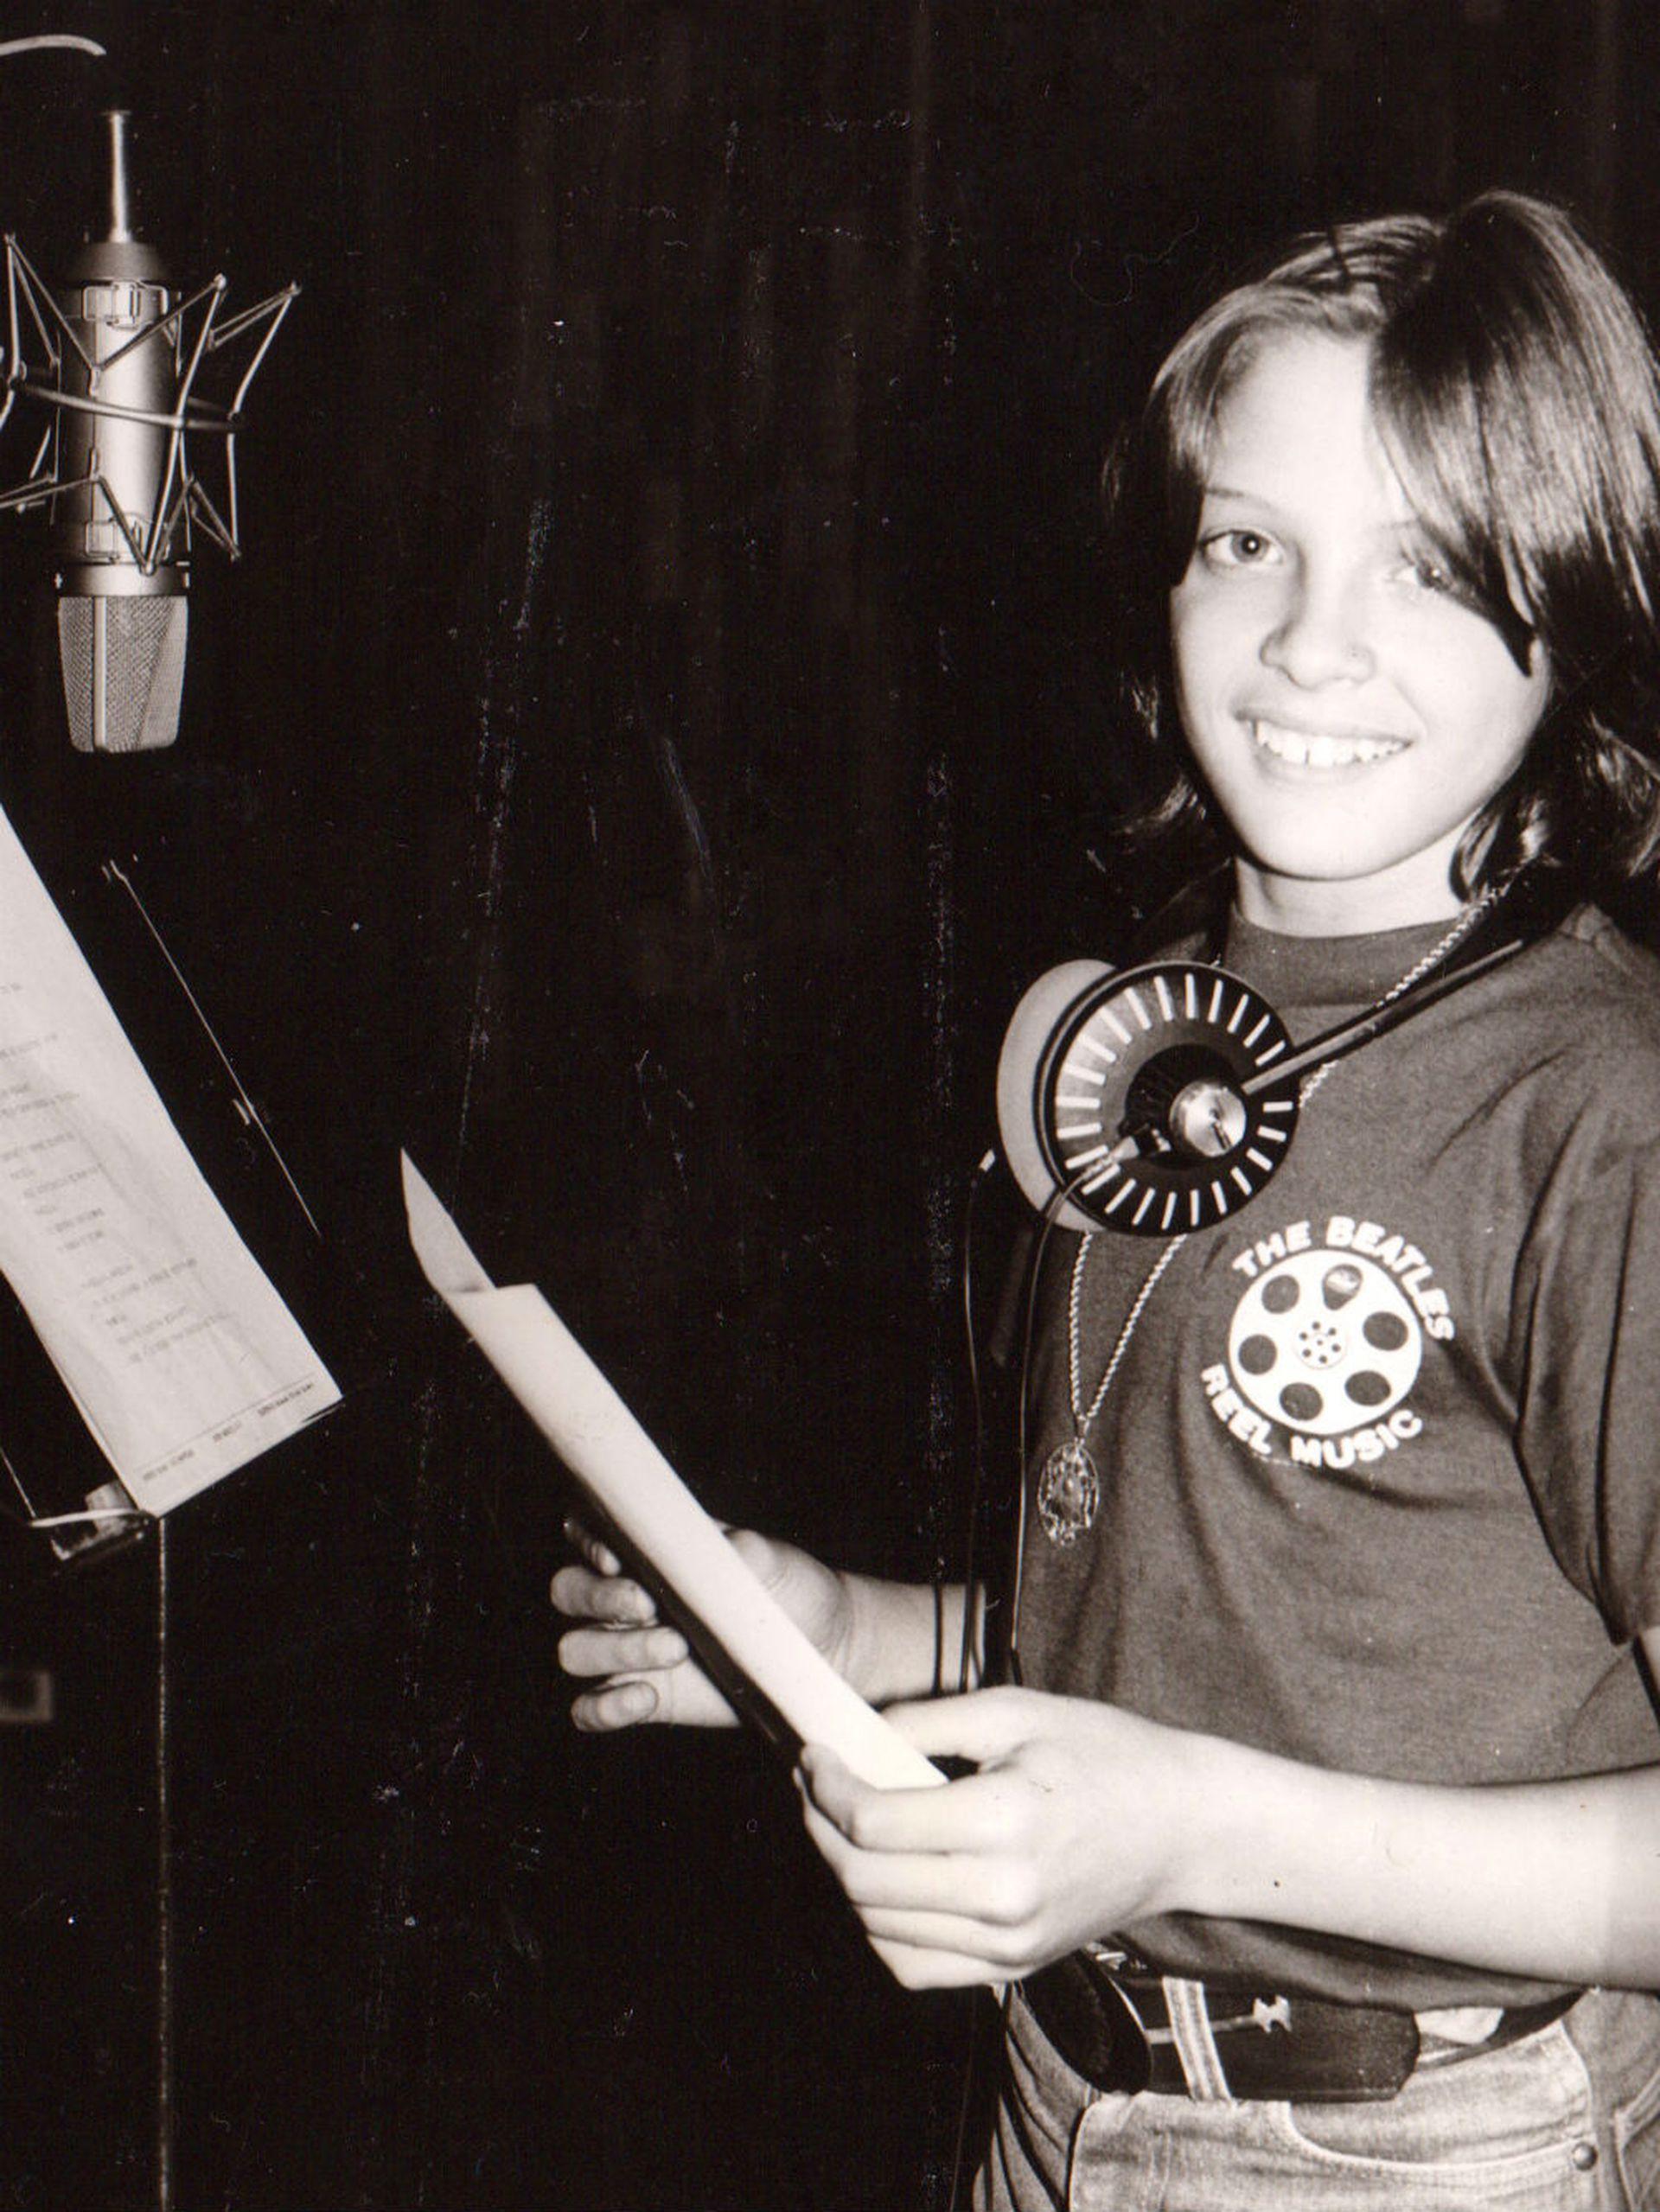 En su adolescencia, Luismi ya era toda una estrella; aquí, feliz en un estudio de grabación